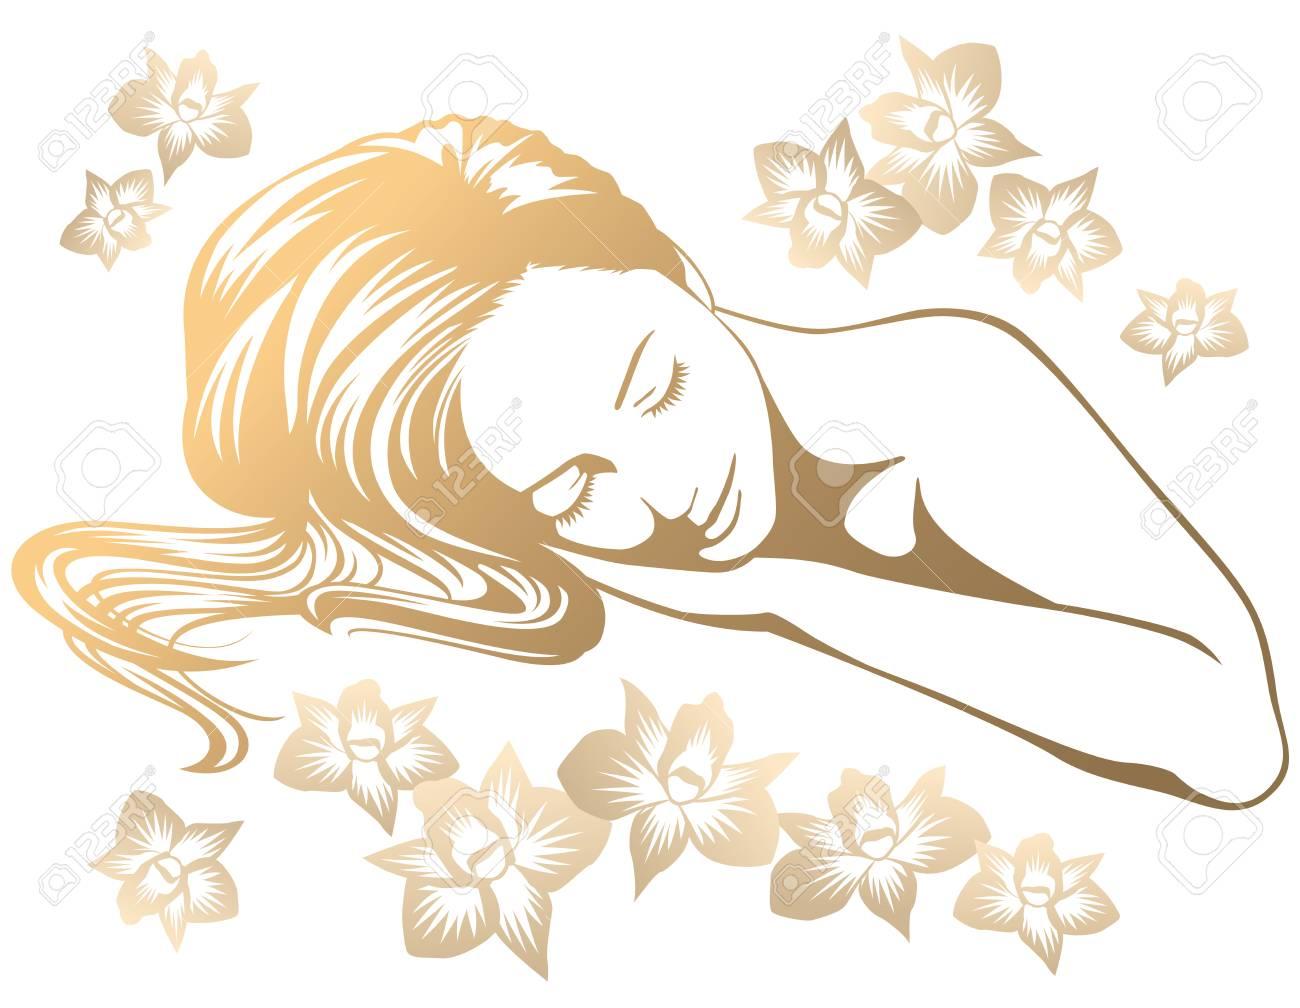 Woman in spa salon - 121740729